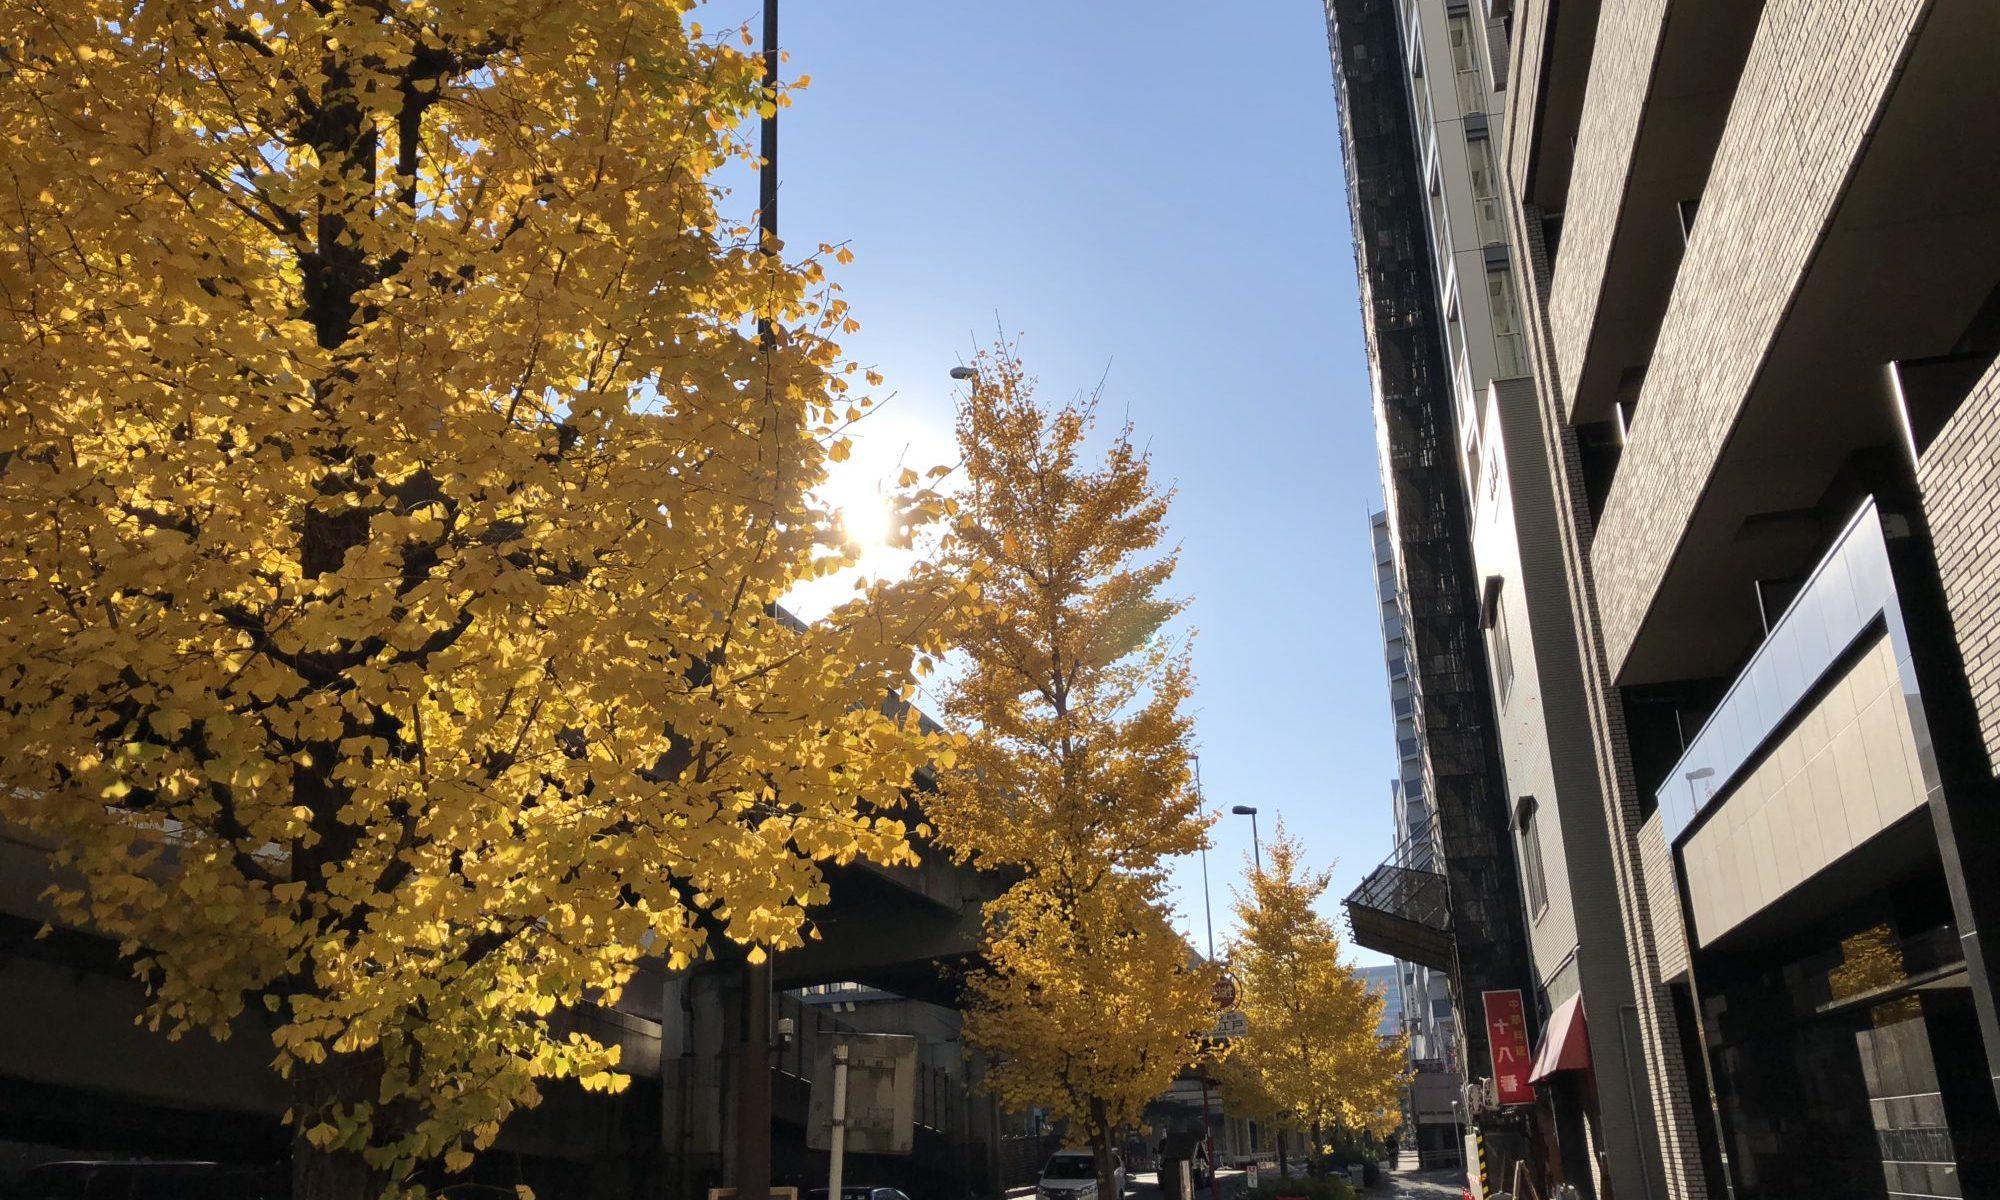 葉っぱが黄色くなった銀杏の街路樹